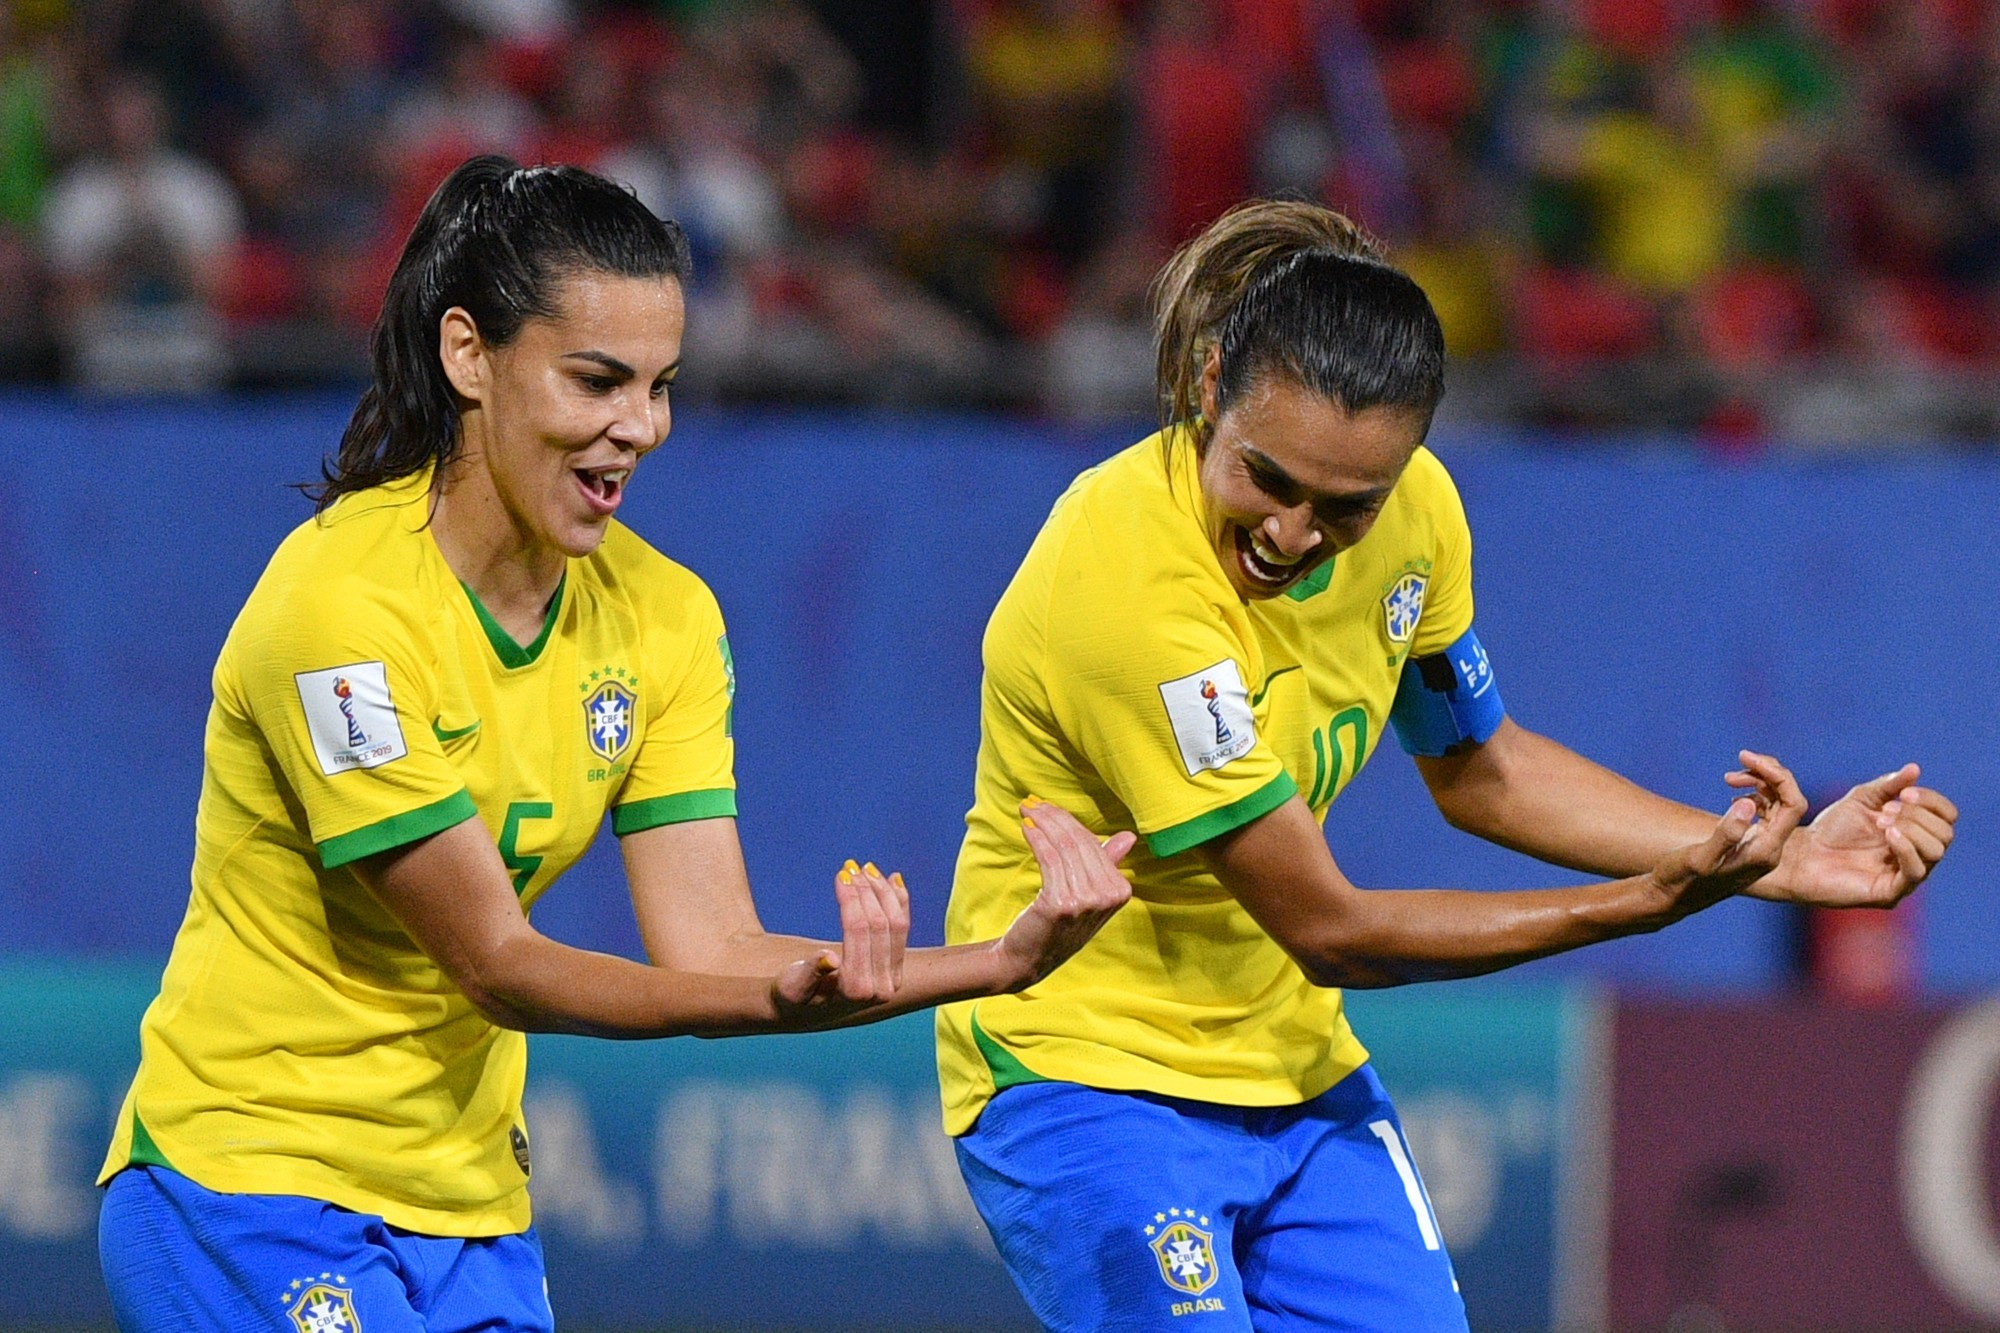 L'égalité de salaire arrive en équipe du Brésil